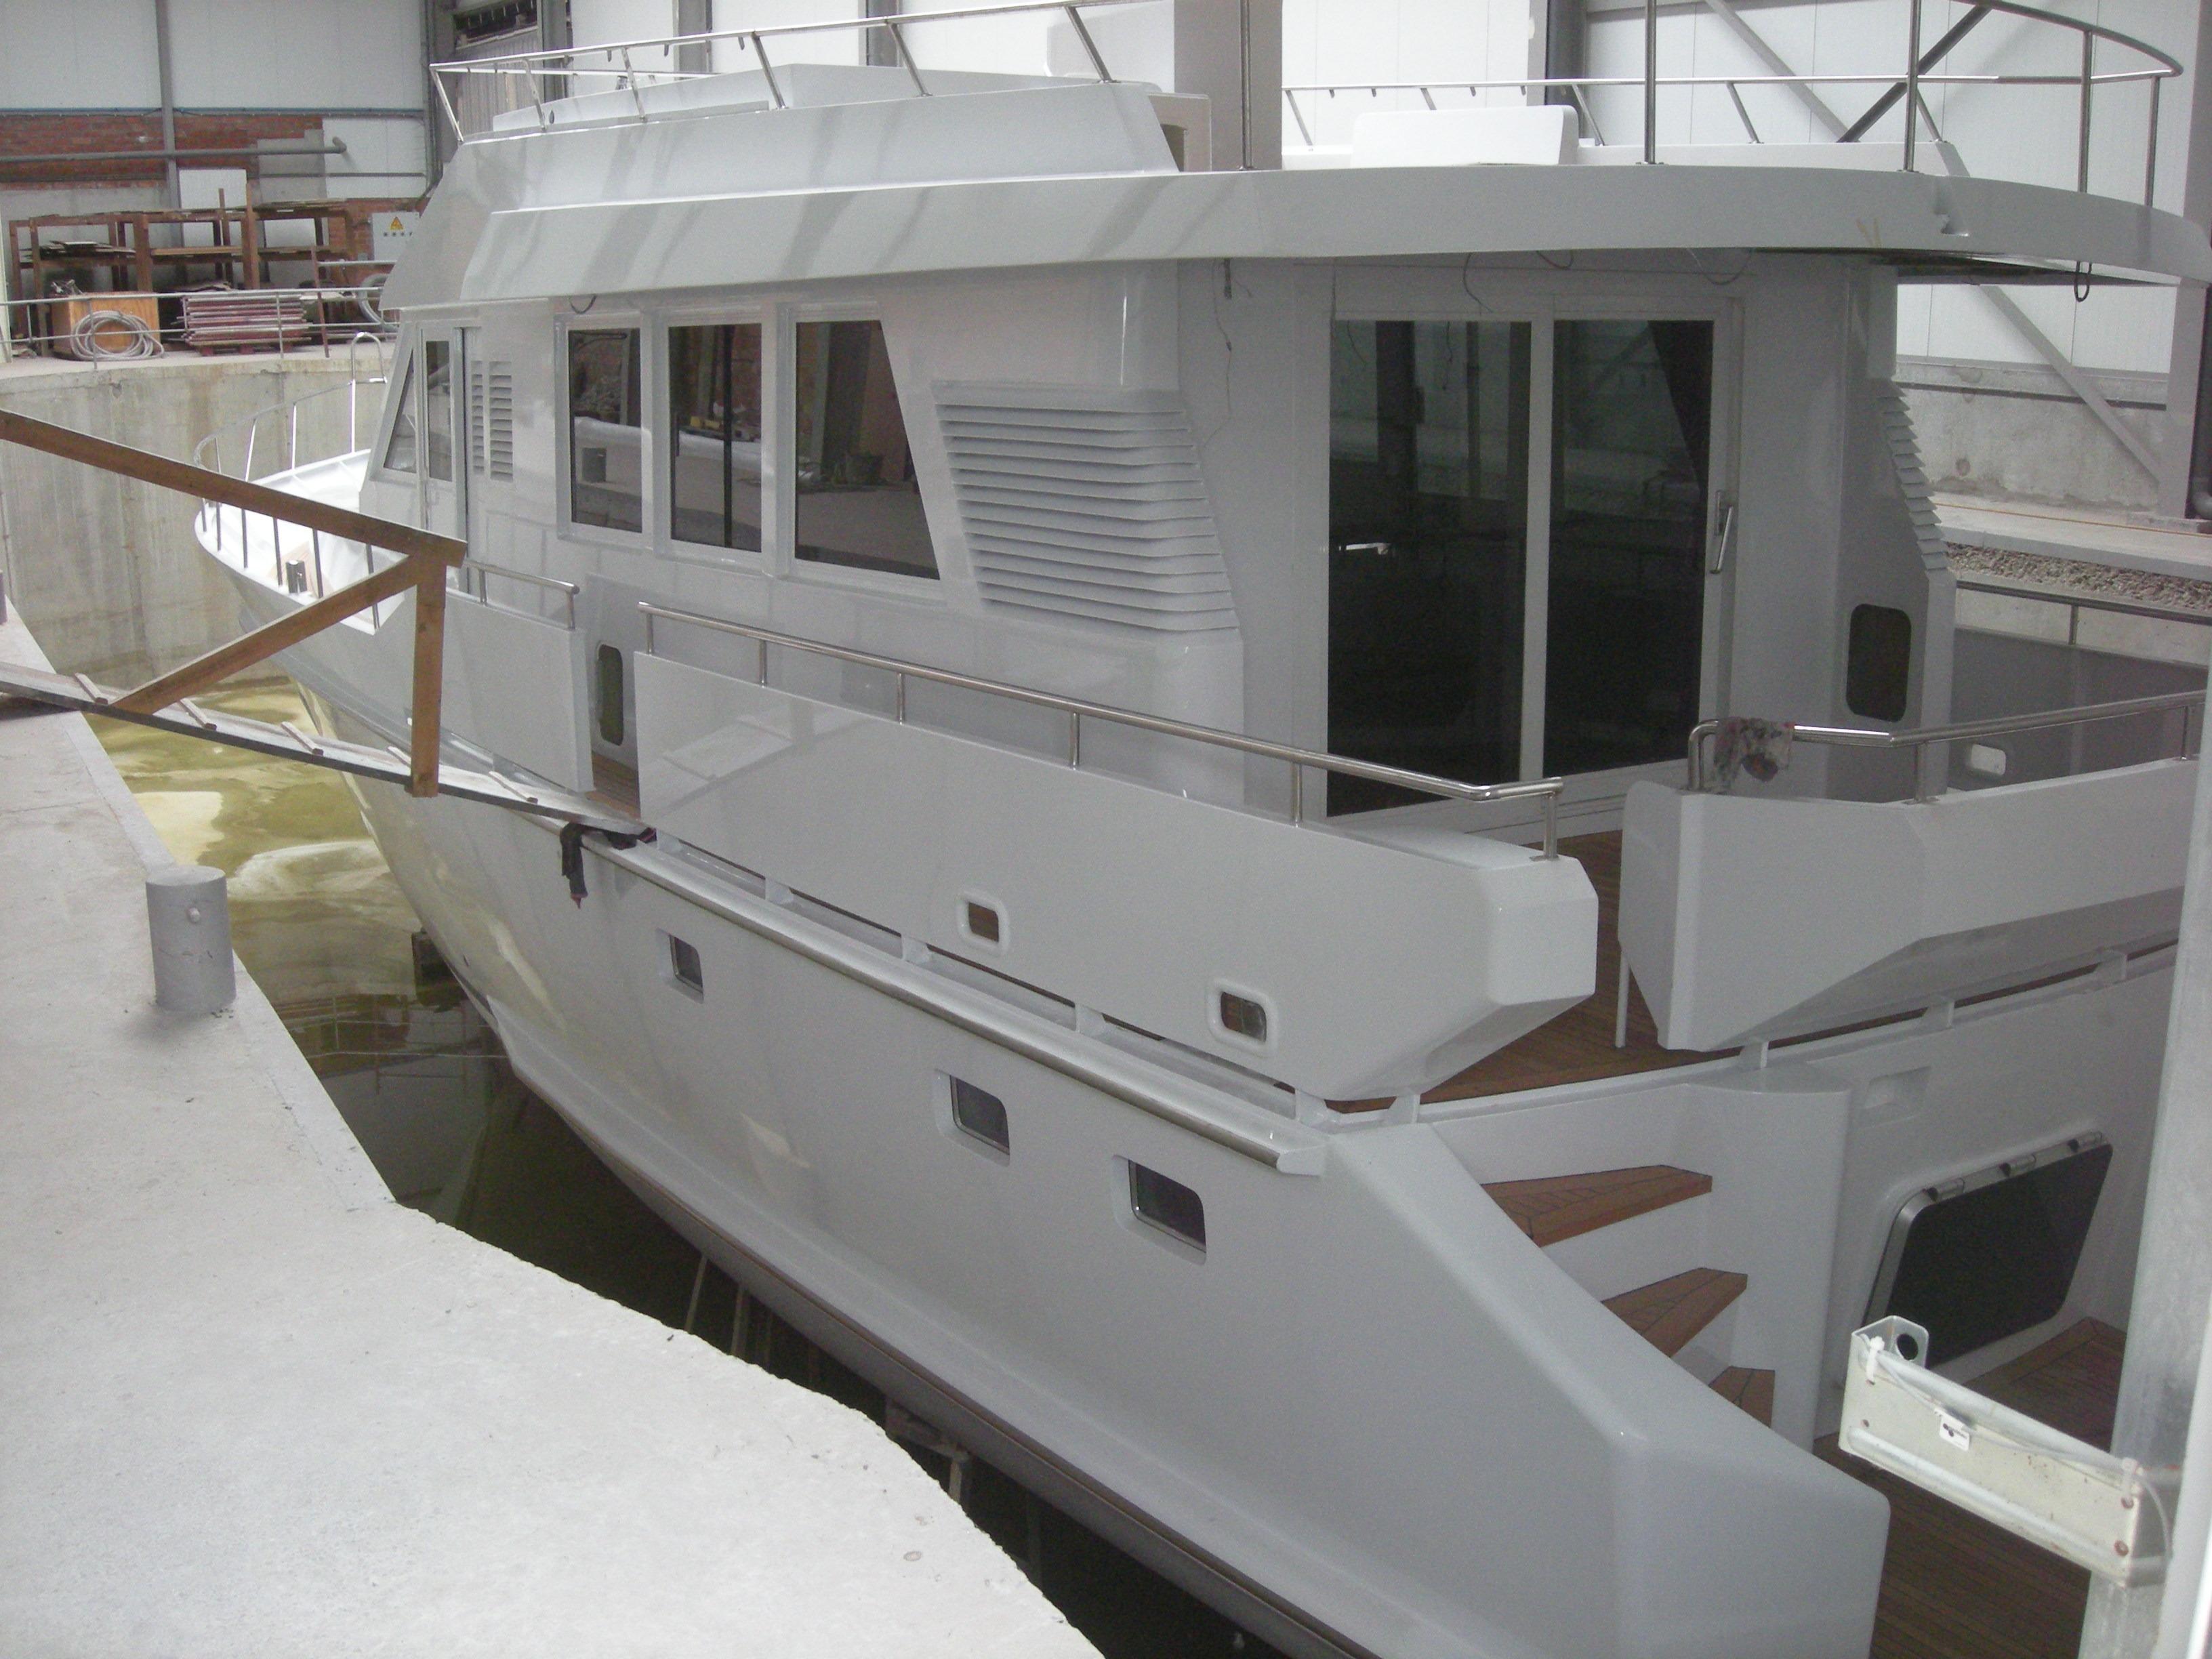 DSCN1050